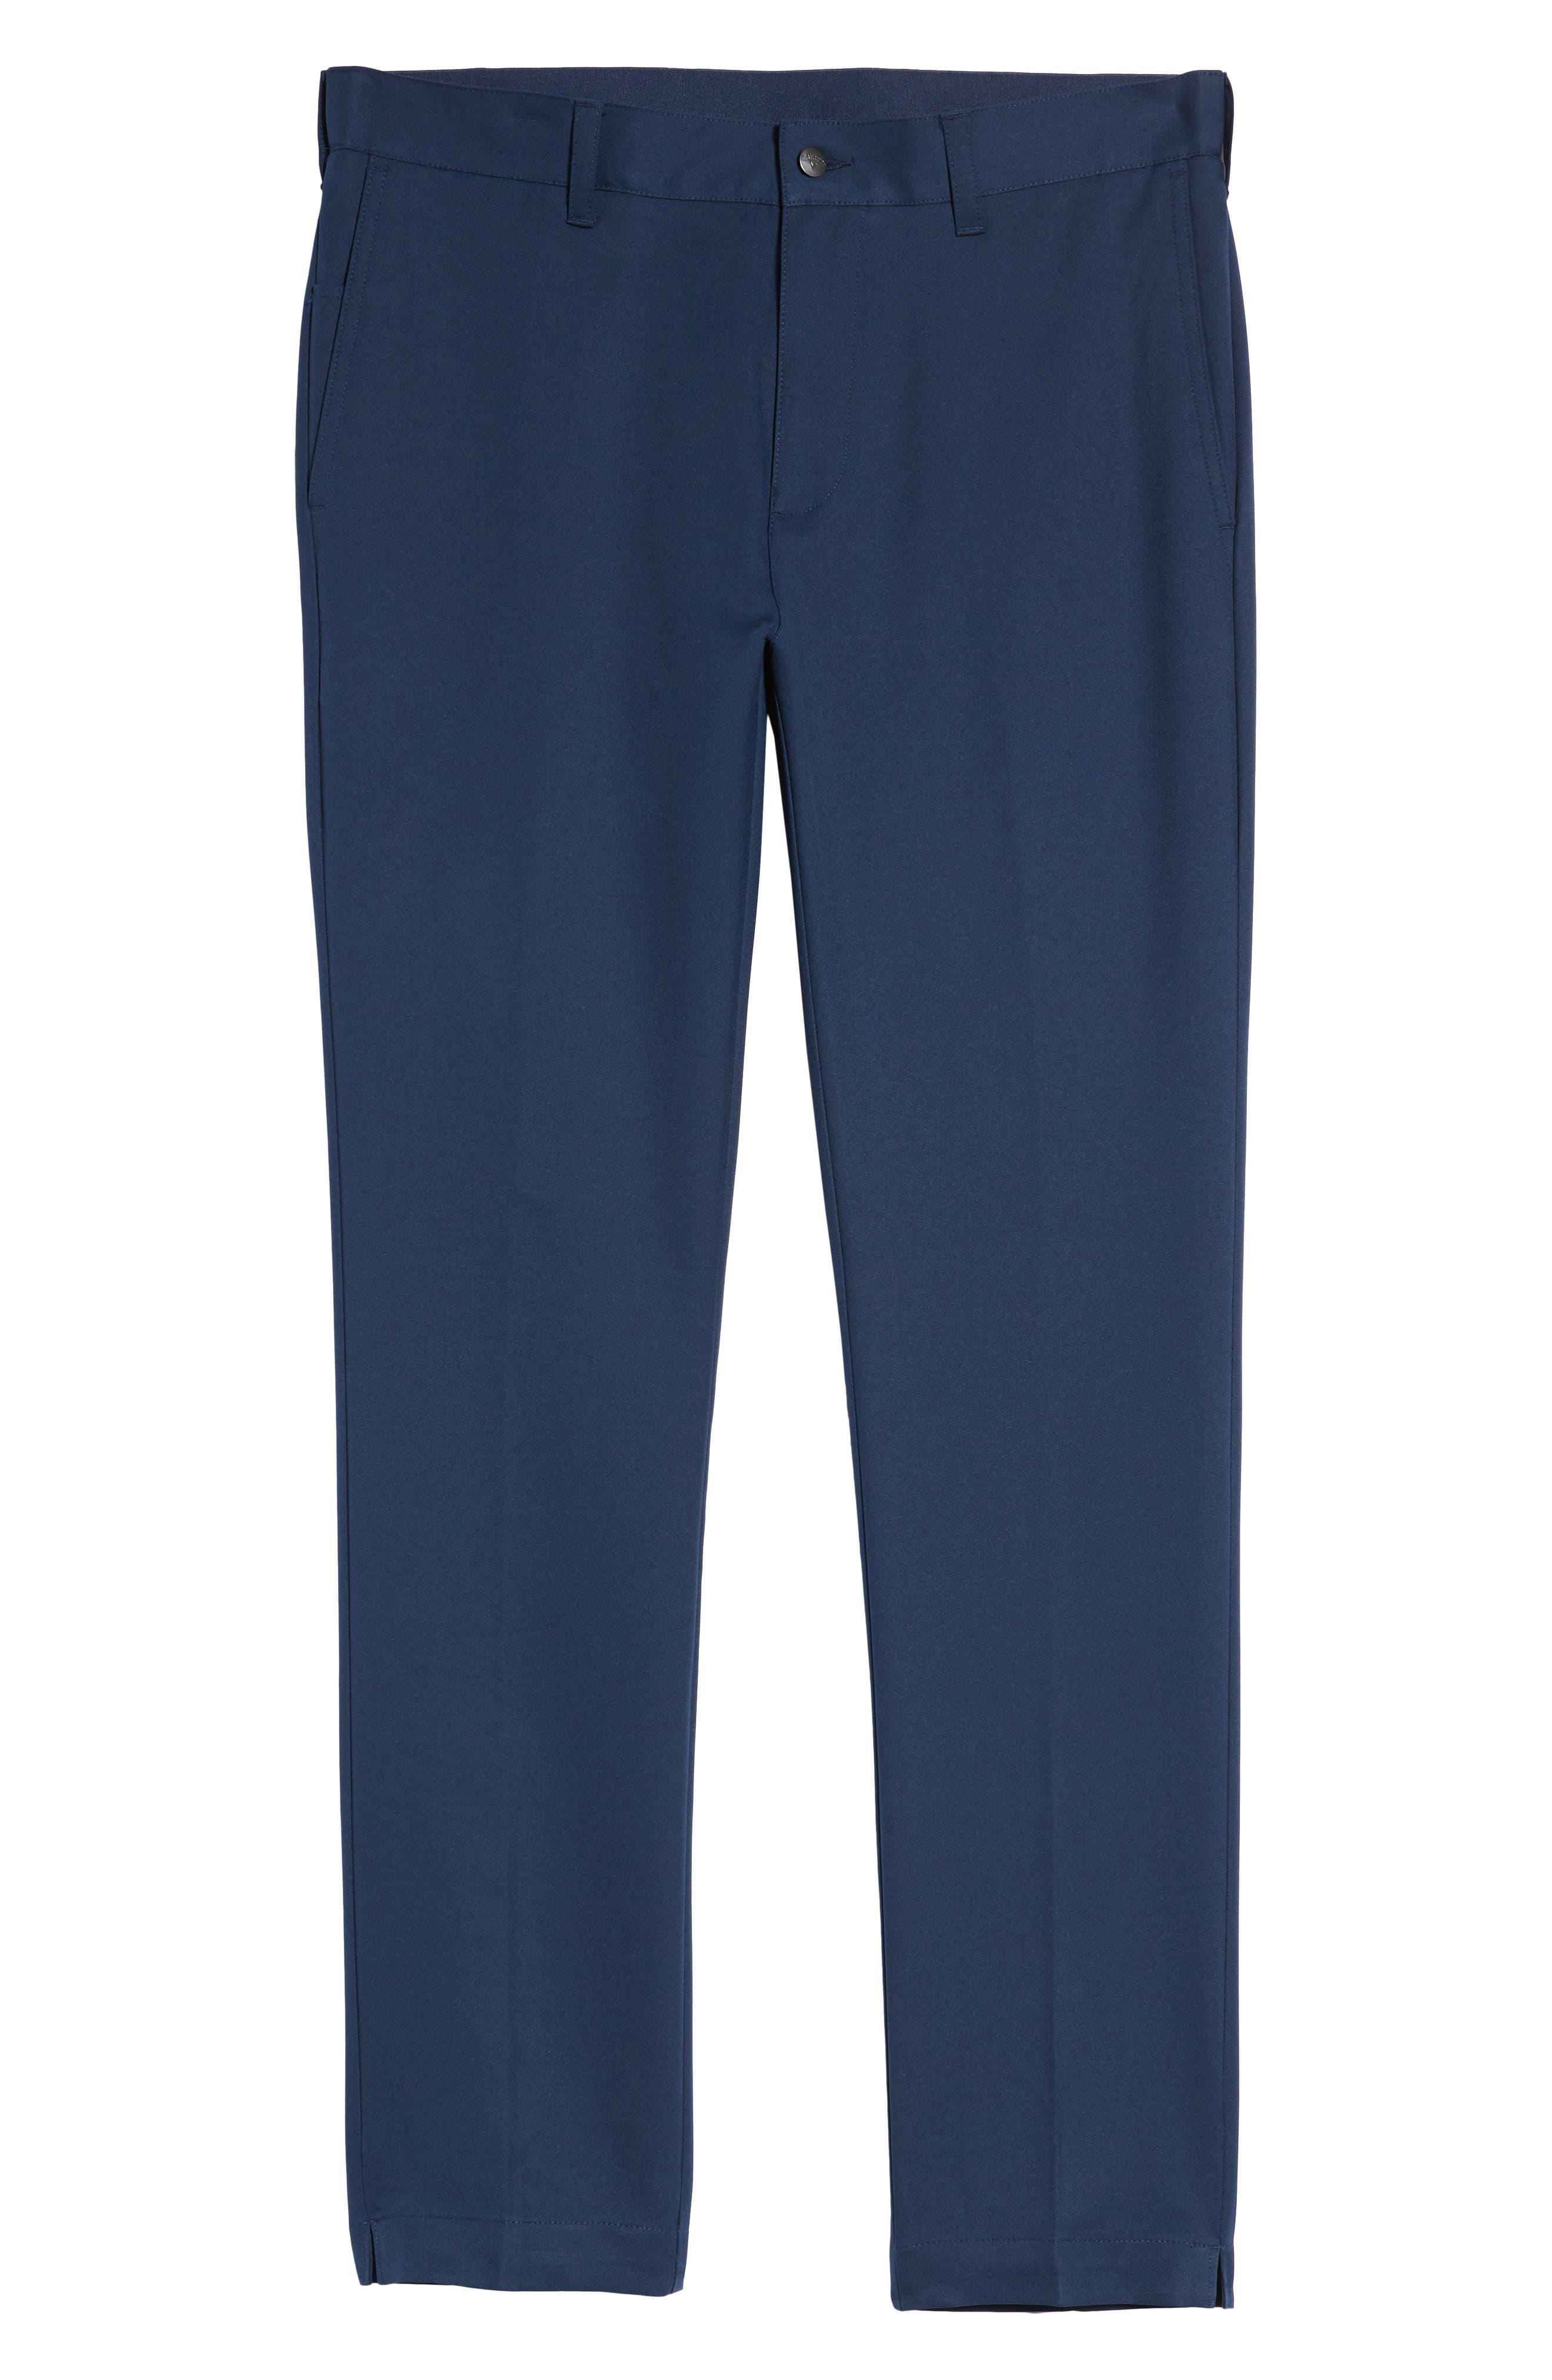 Tech Slim Fit Pants,                             Alternate thumbnail 18, color,